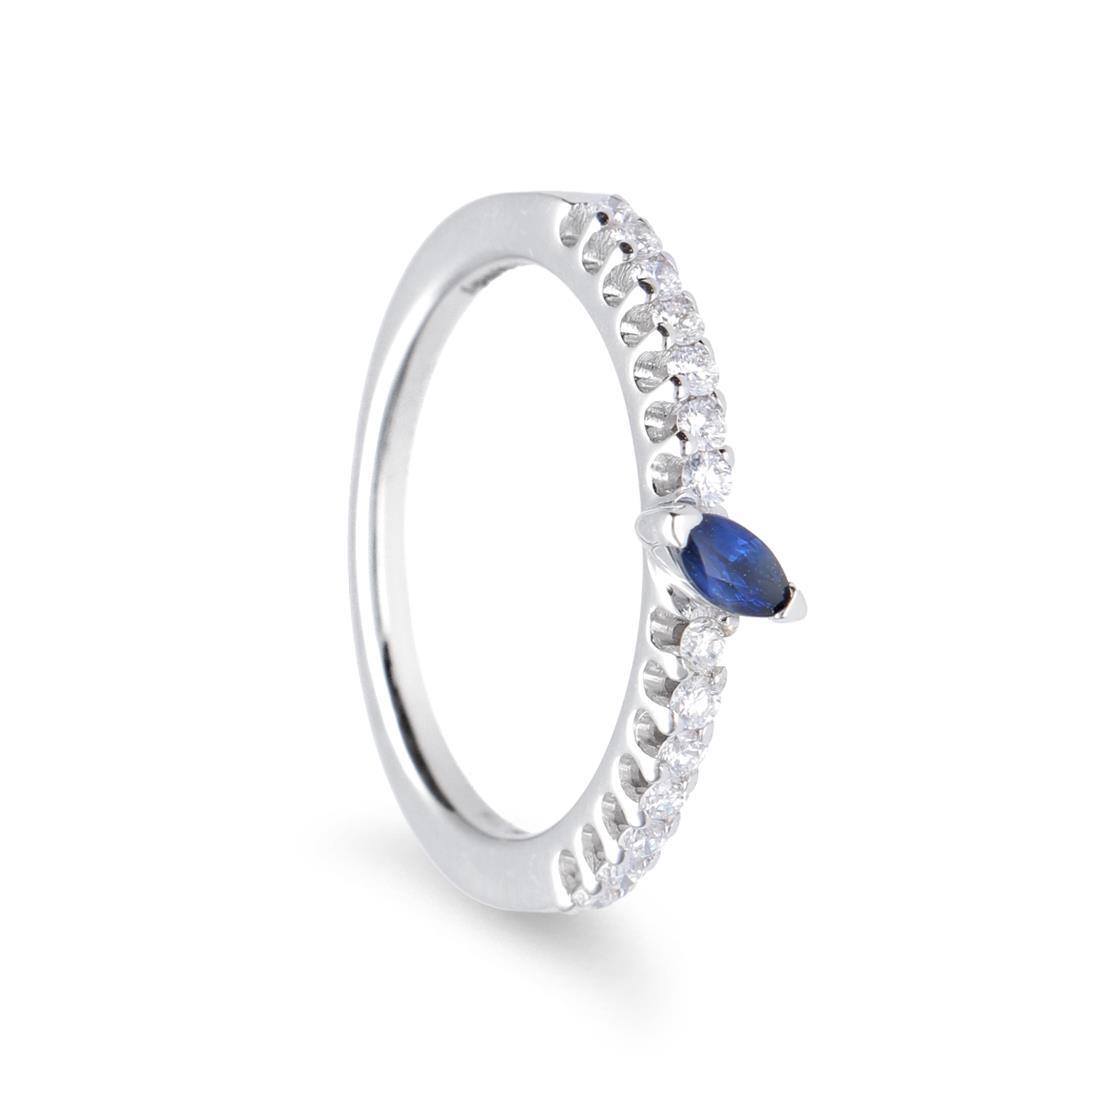 Anello con diamanti e zaffiro - ALFIERI & ST. JOHN